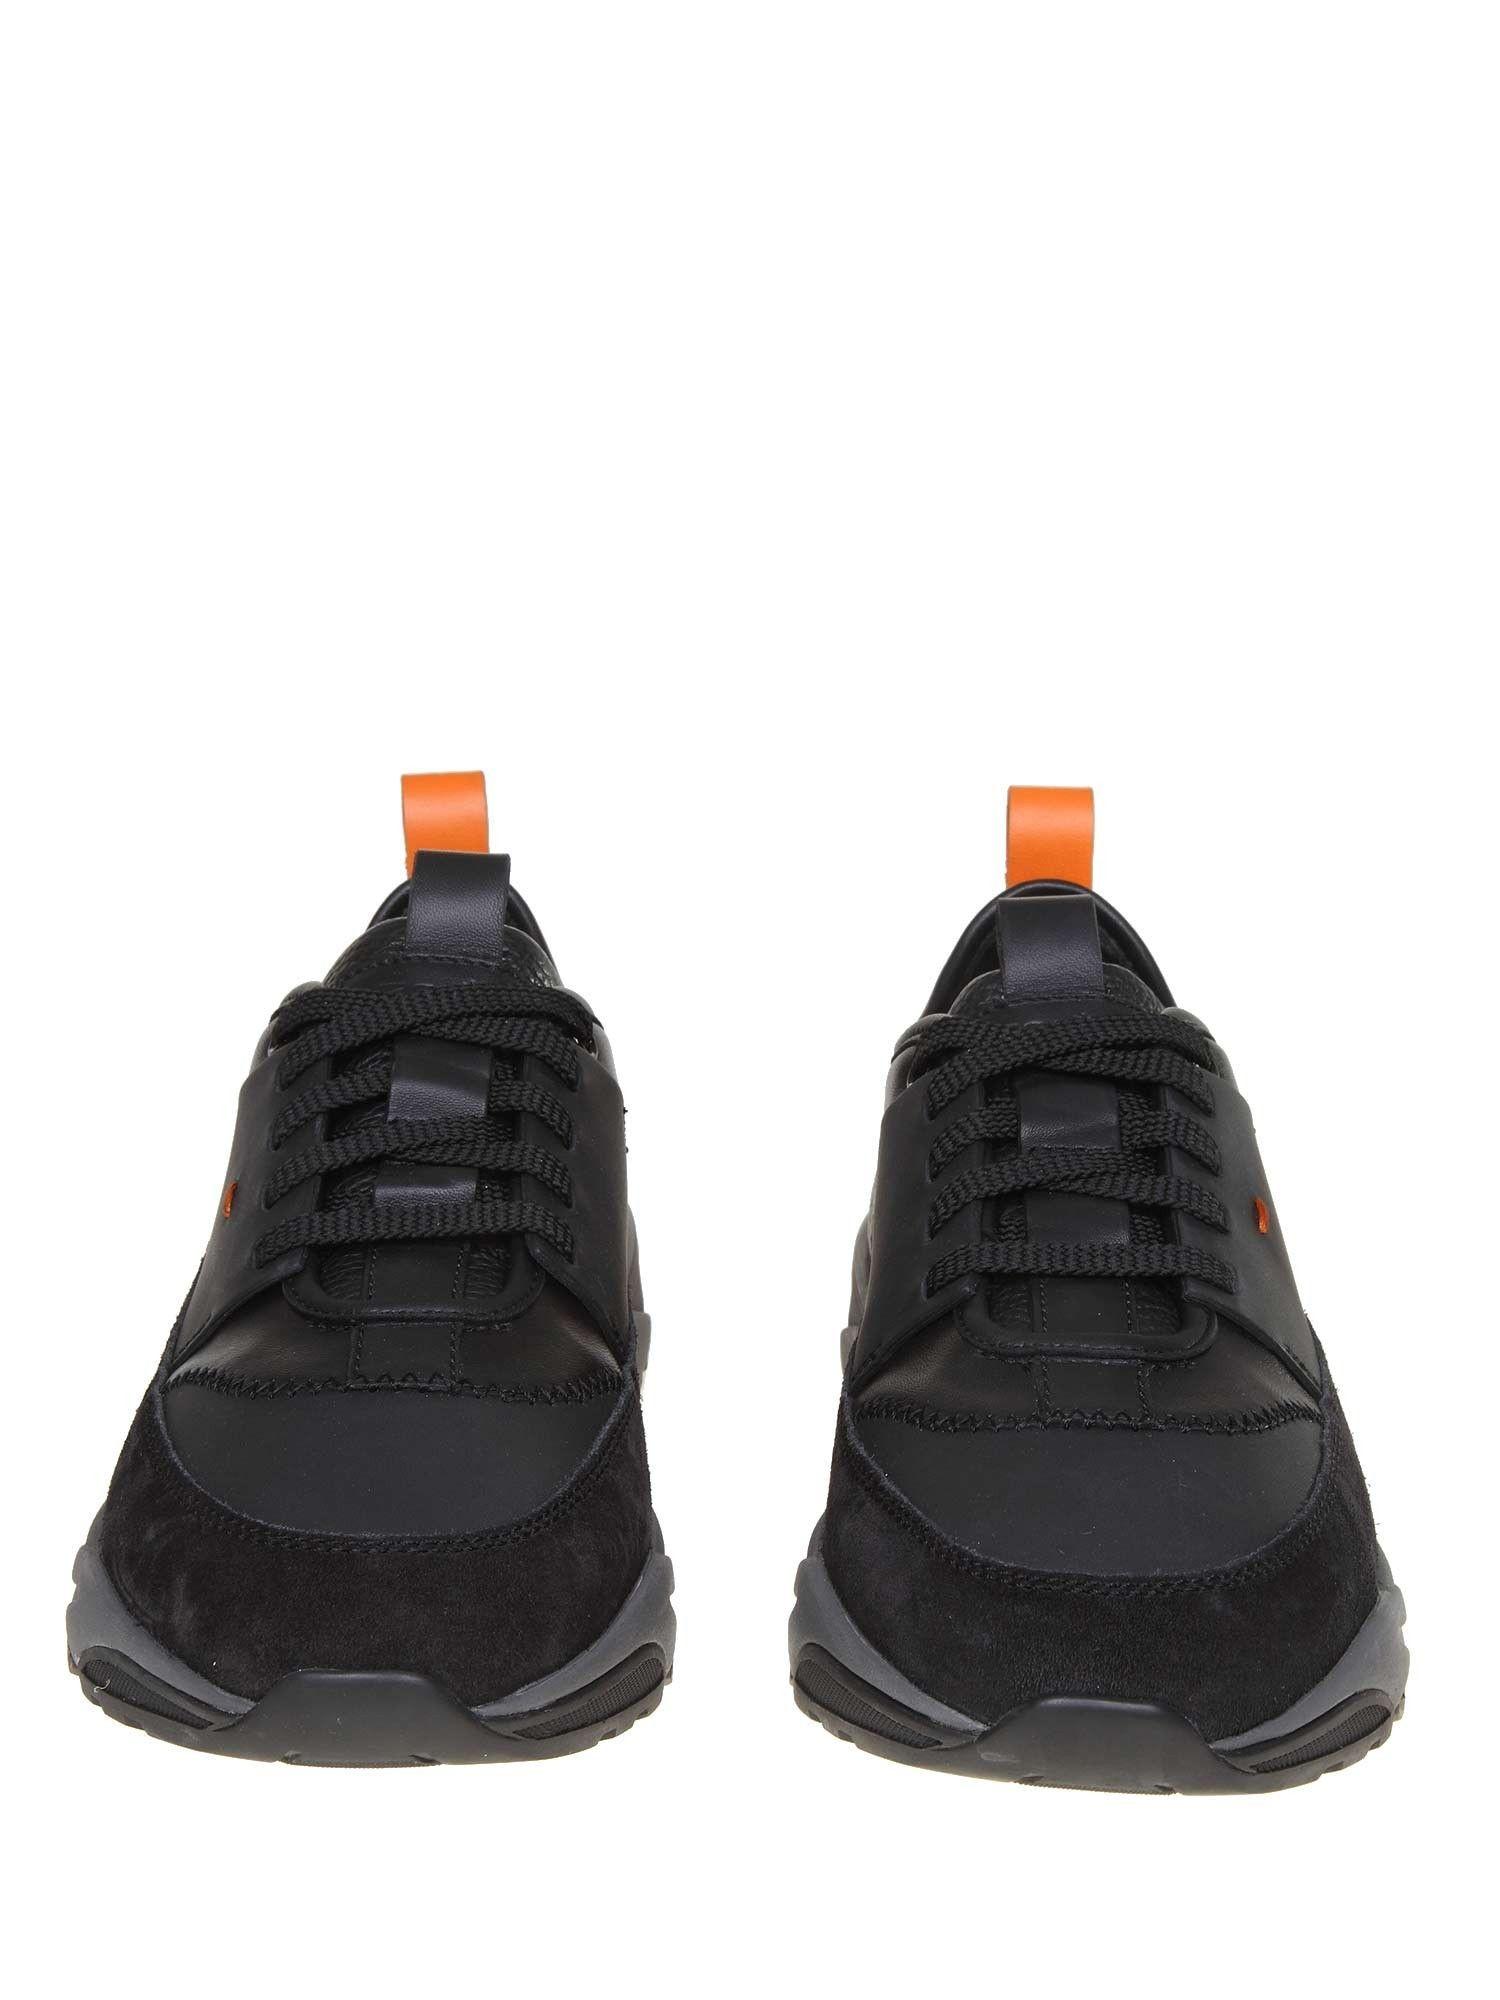 SANTONI MEN'S MBI021204ANERRSEN55 BLACK LEATHER SNEAKERS